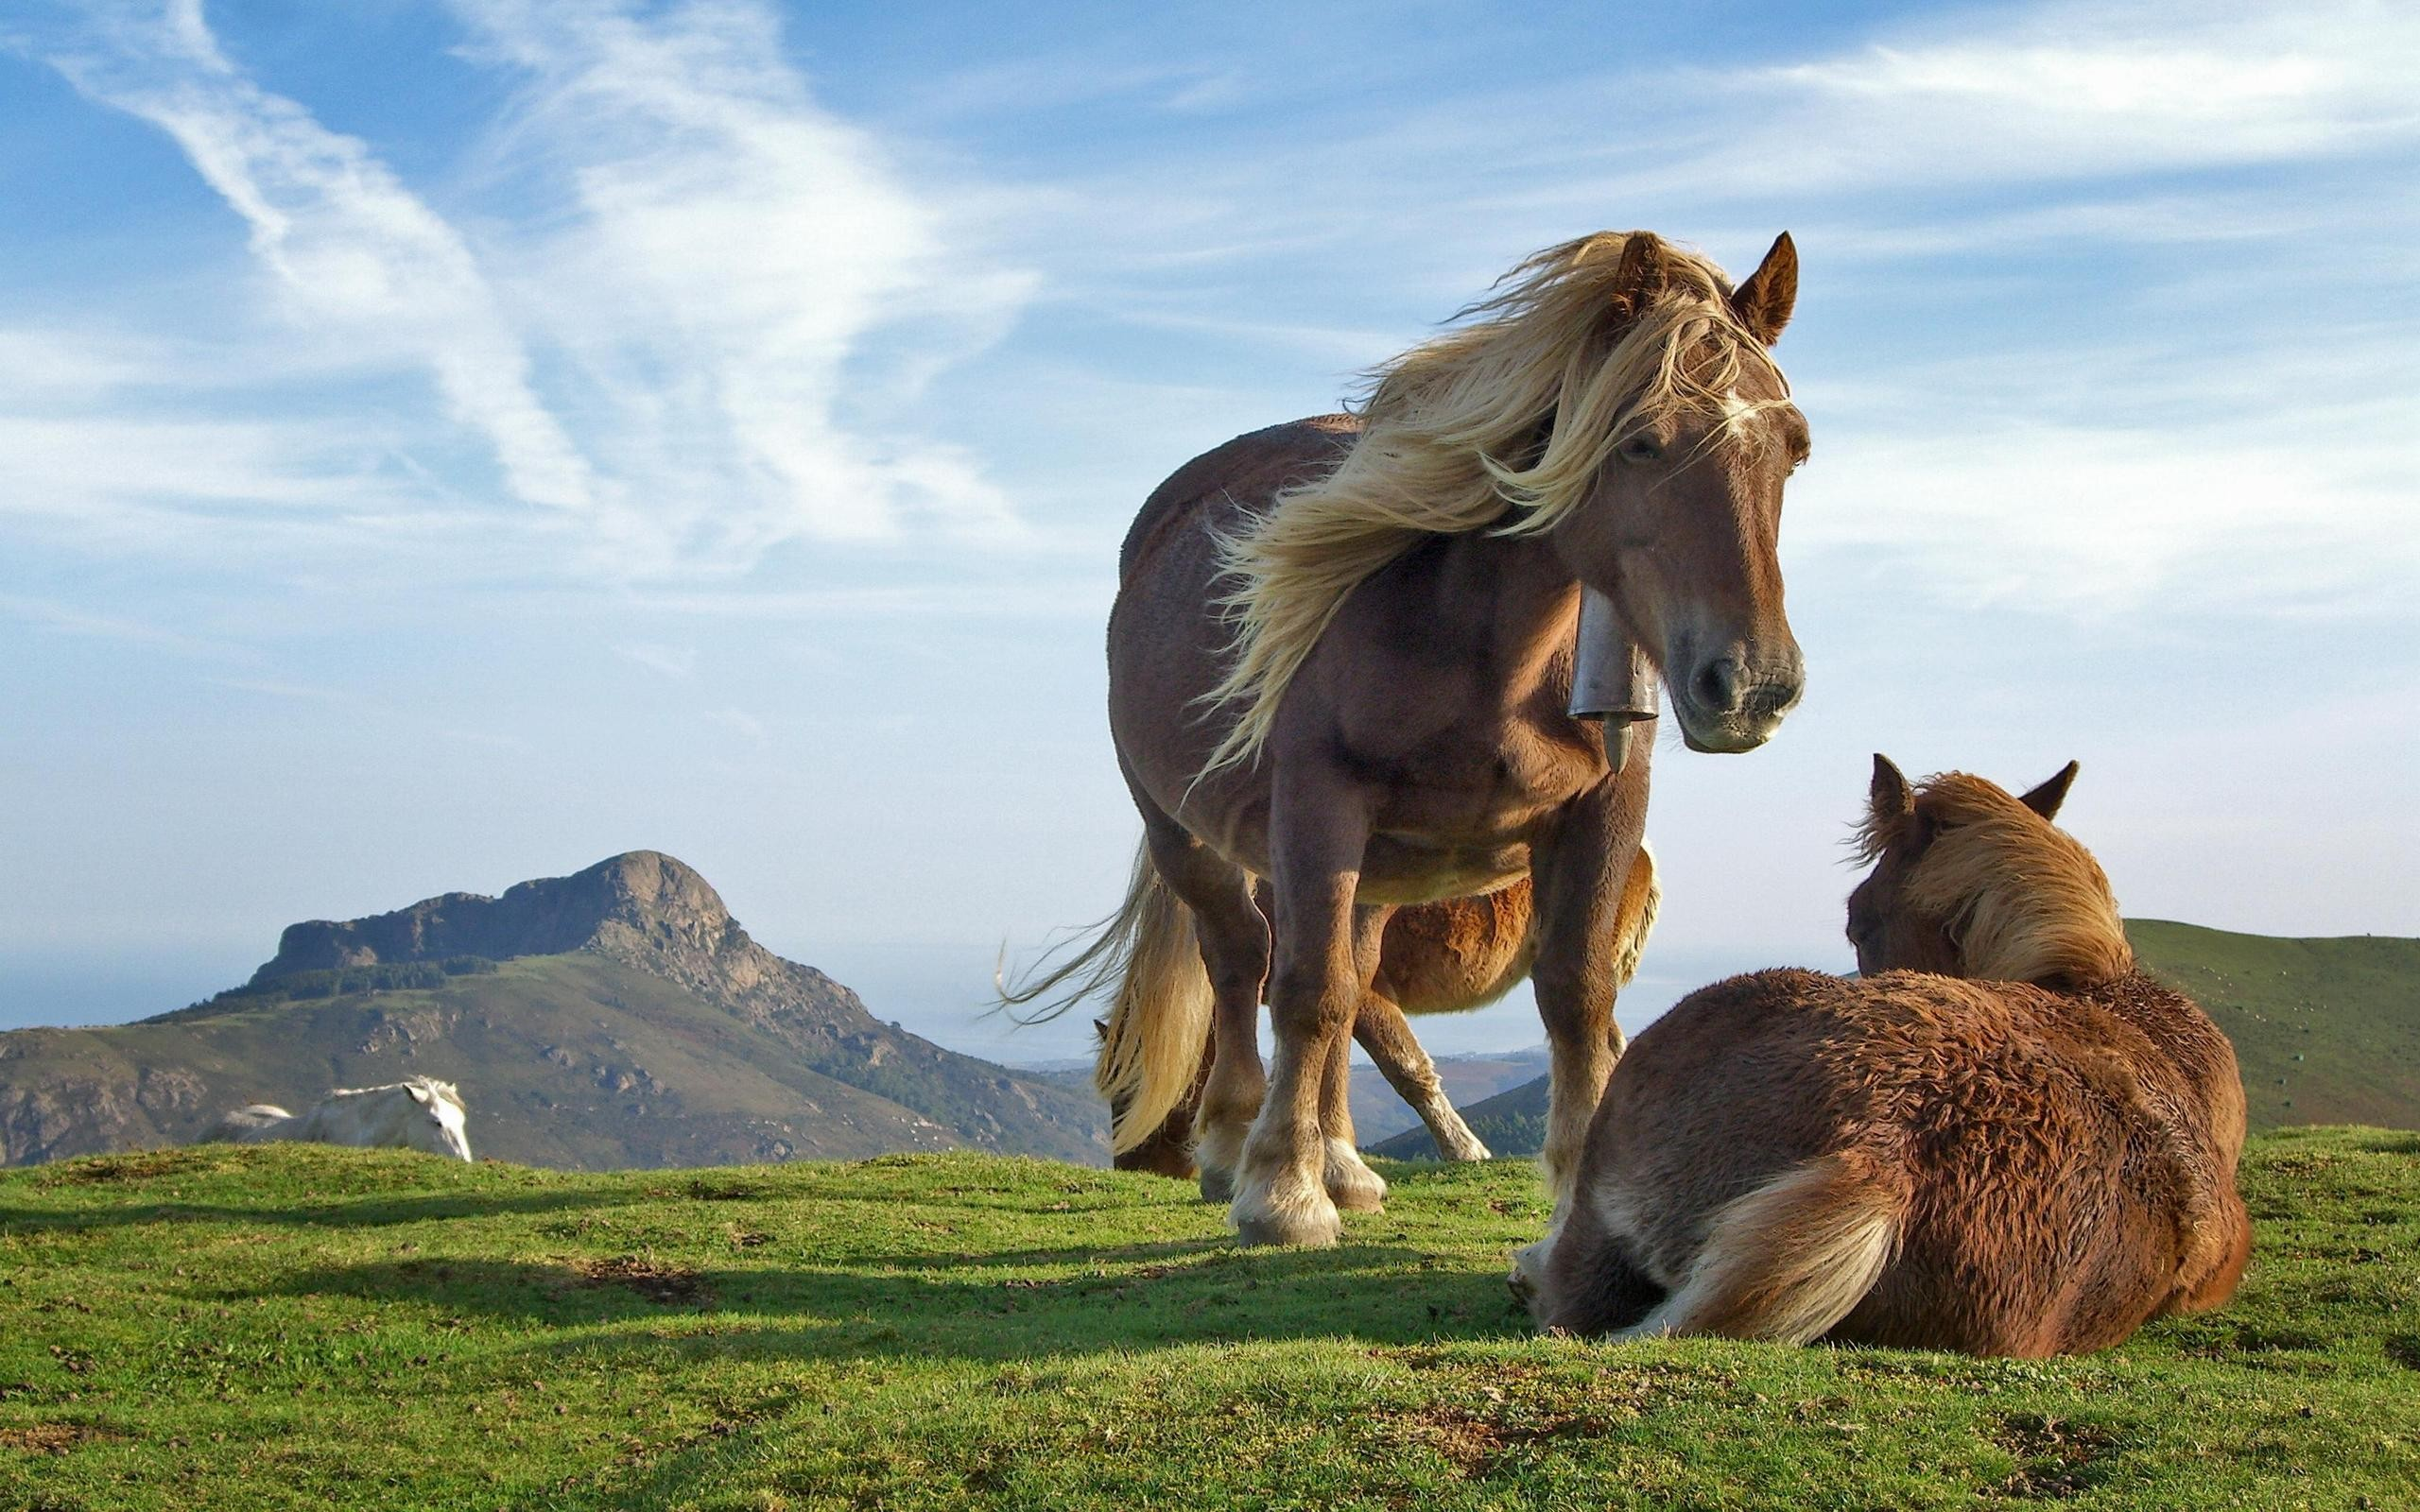 Beautiful horses wallpapers Beautiful horses stock photos 2560x1600